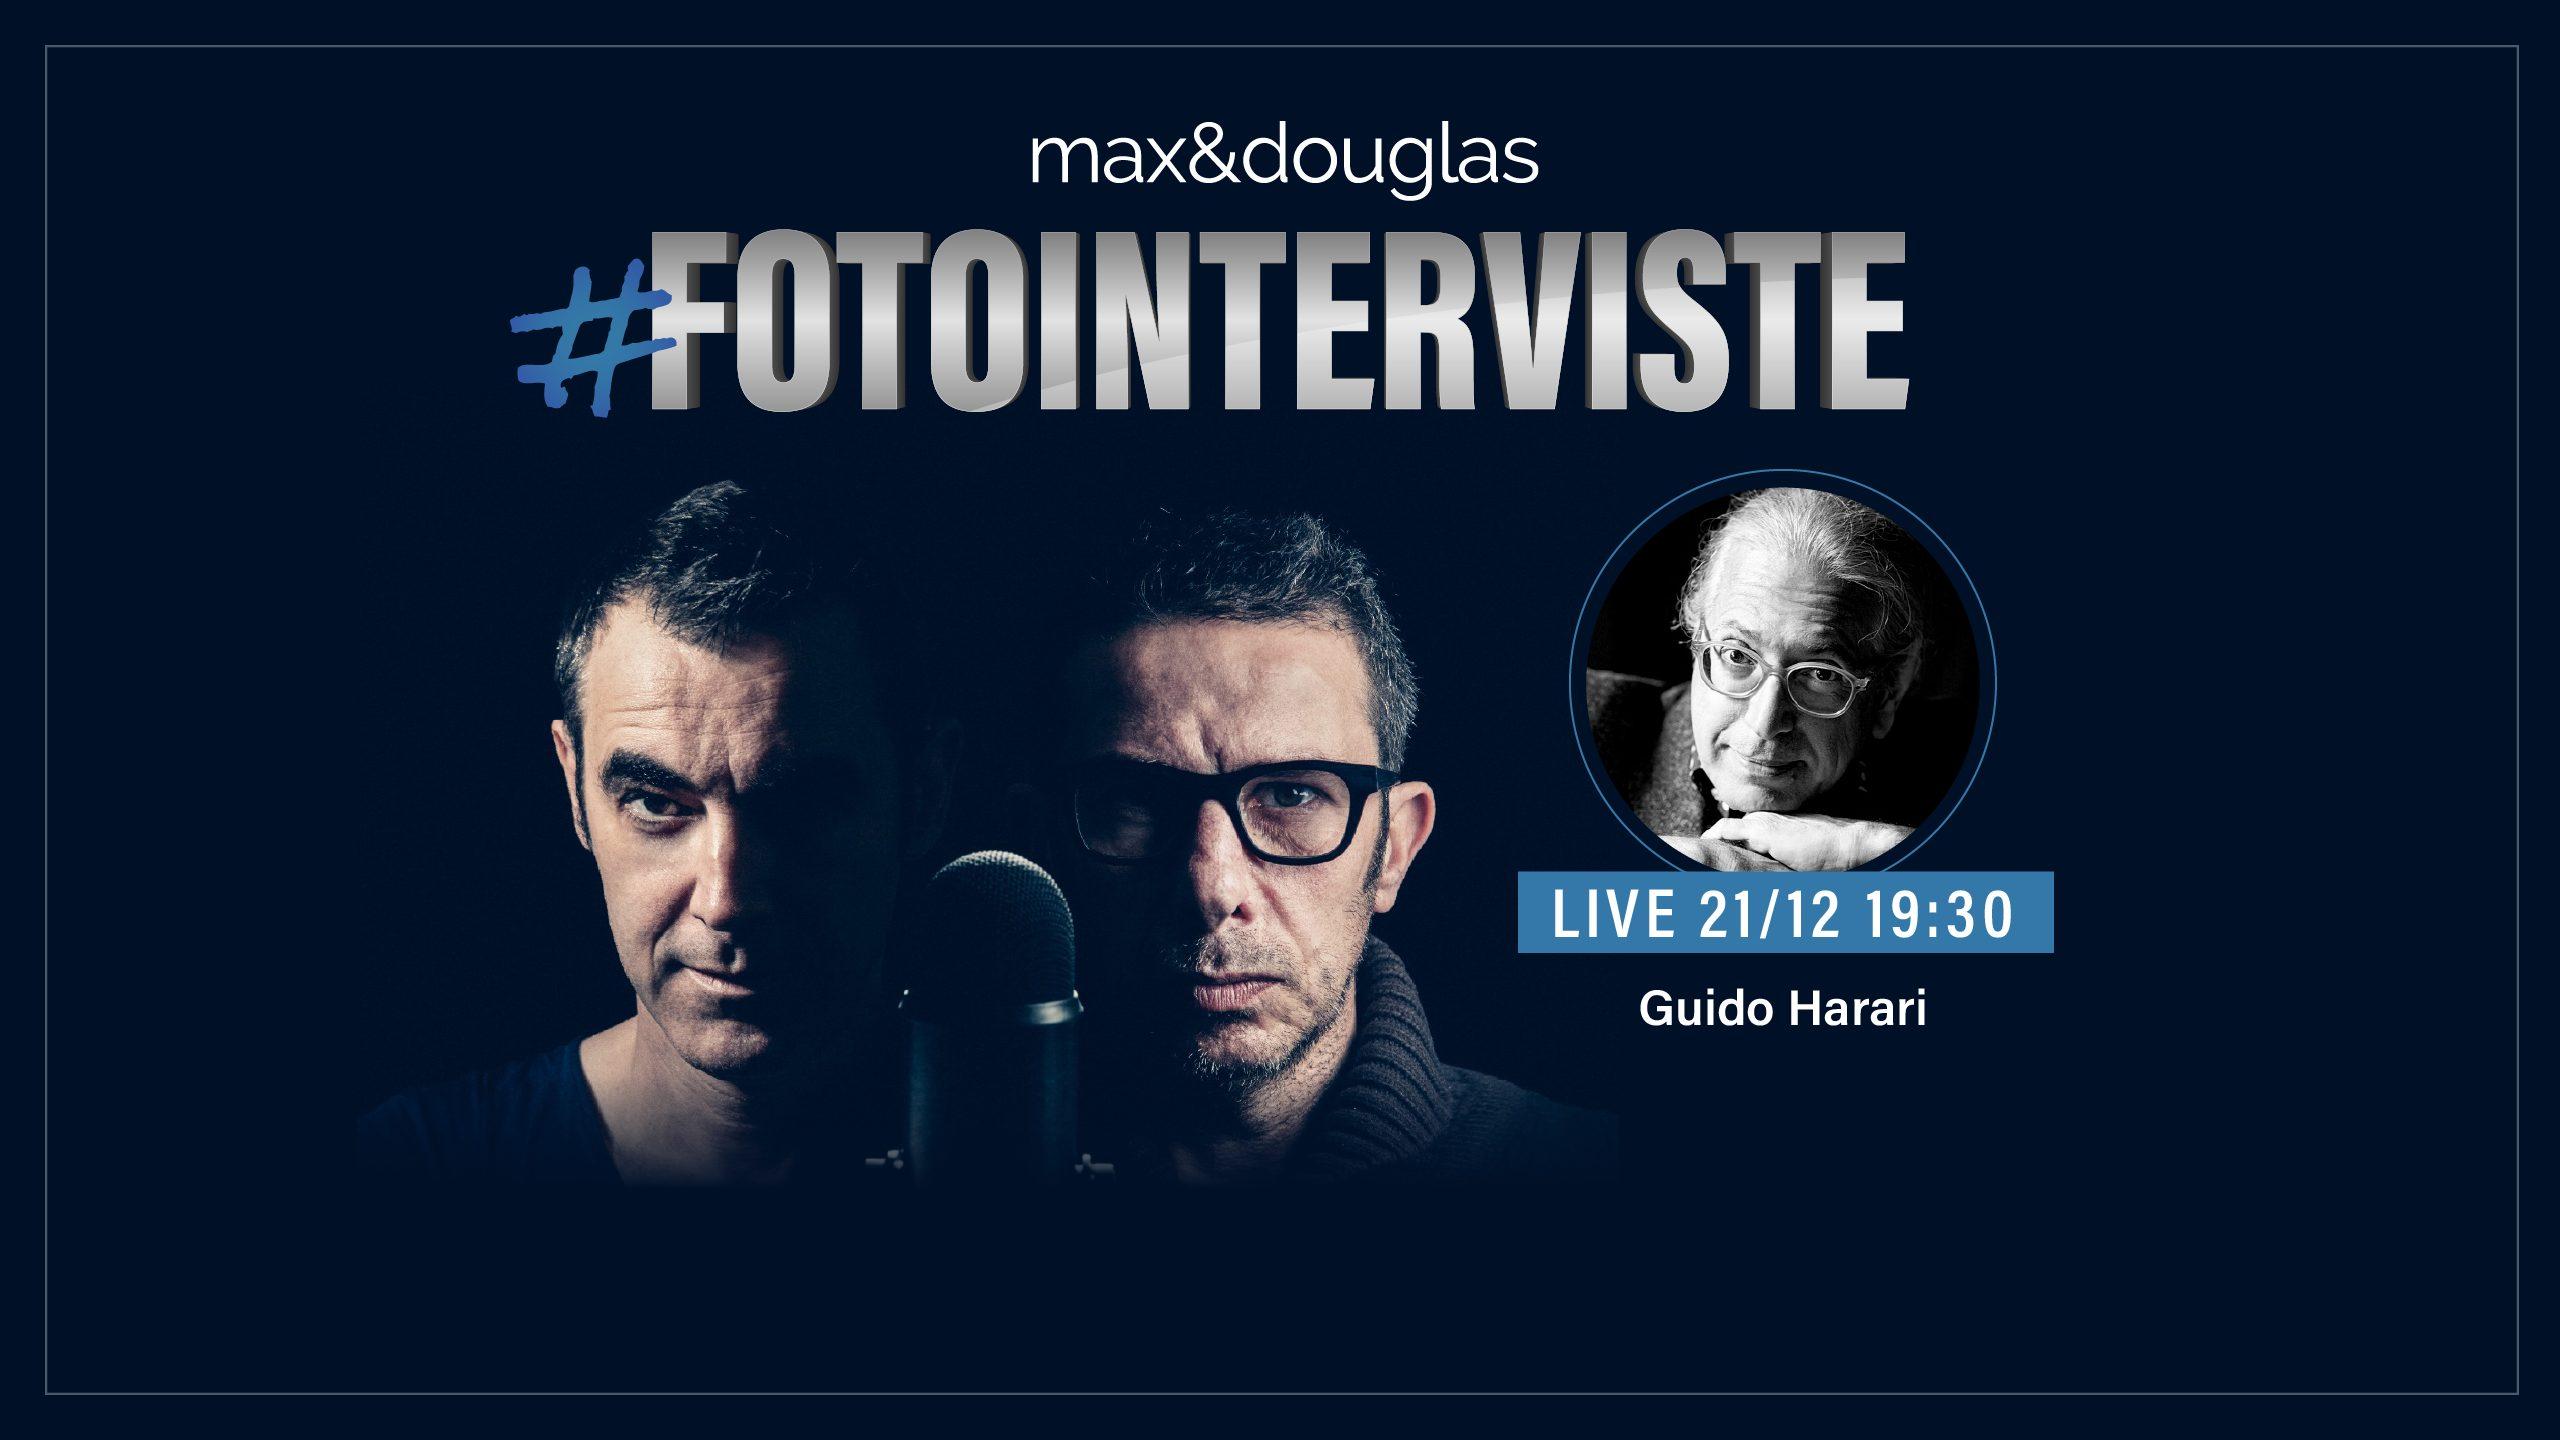 Arrivano le #fotointerviste live: il primo appuntamento è con Guido Harari thumbnail